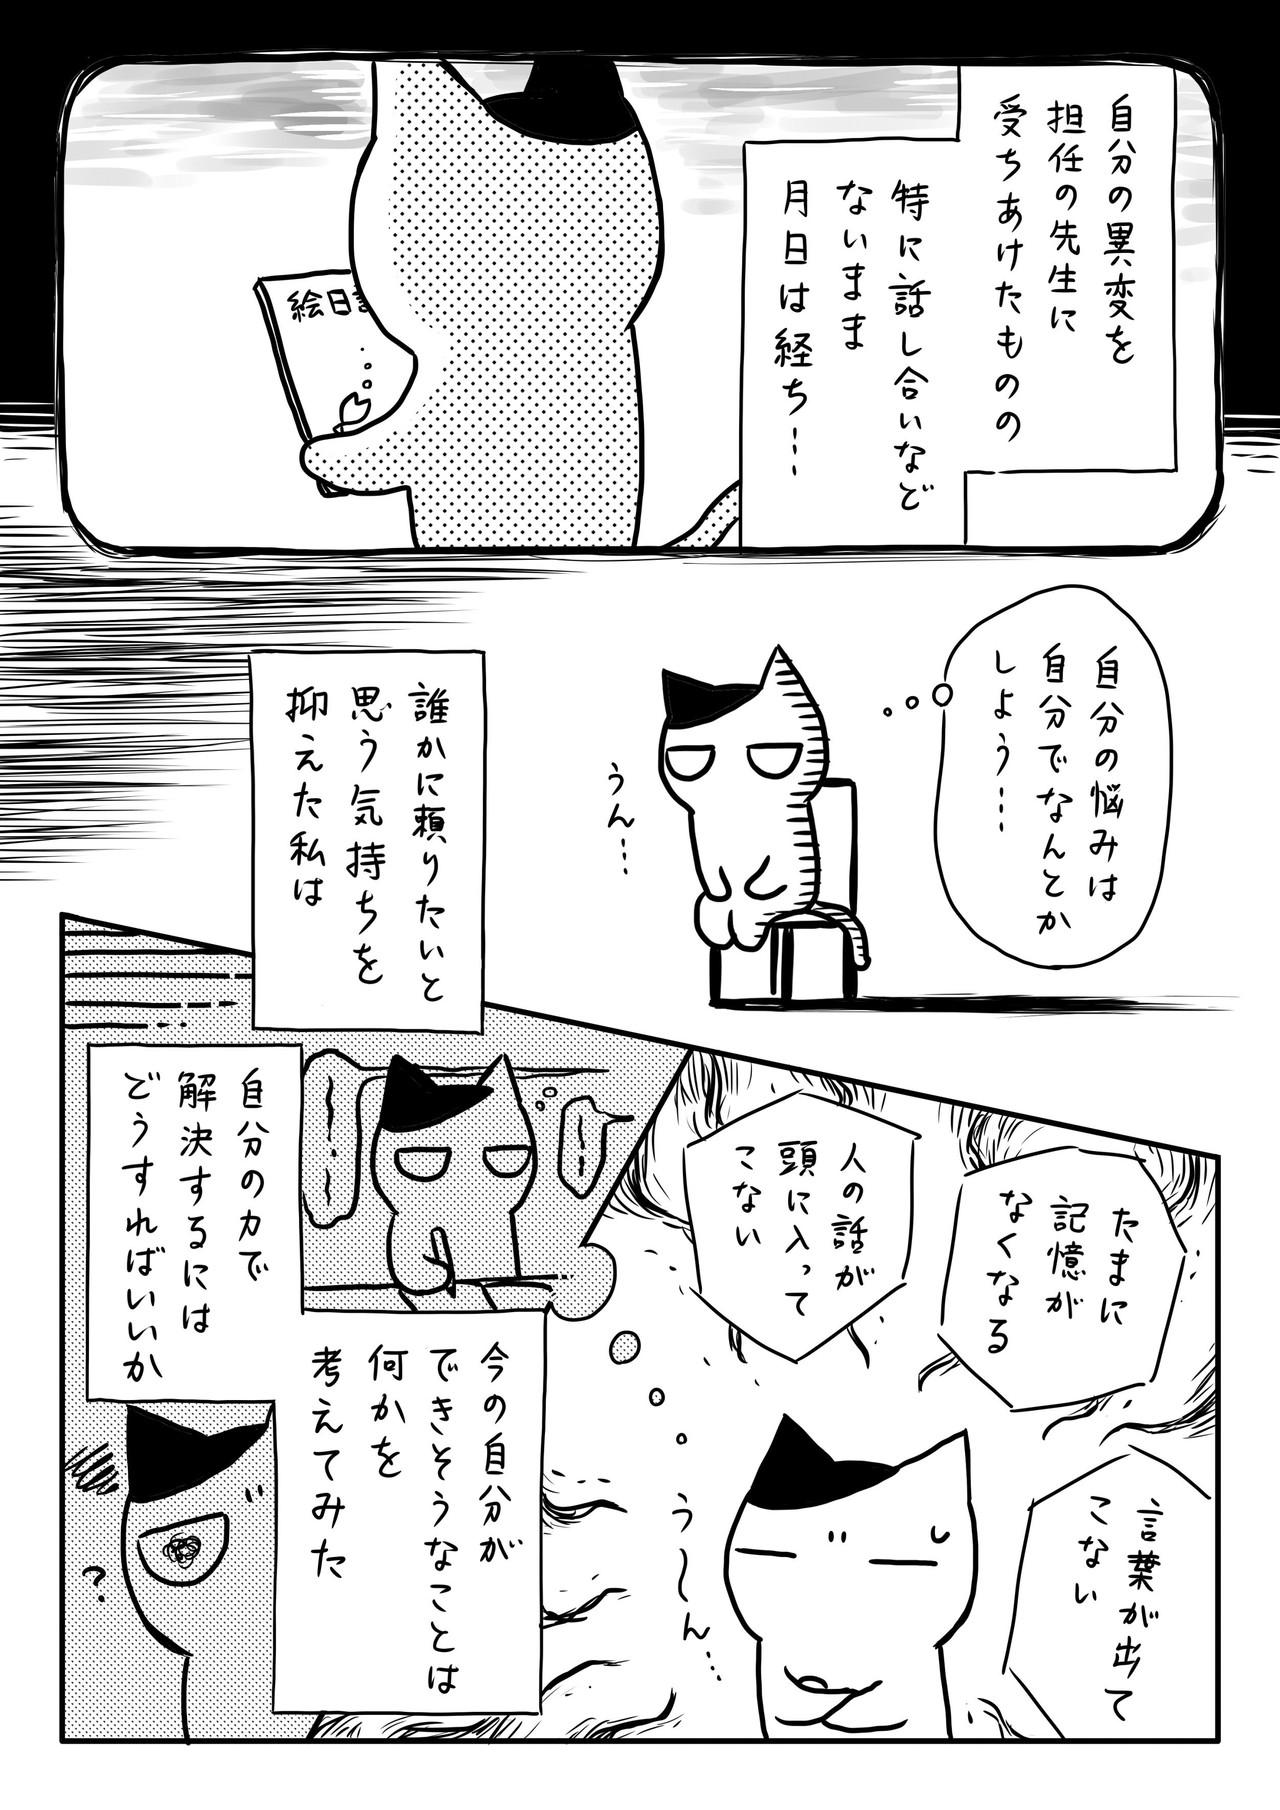 JPEGイメージ_48